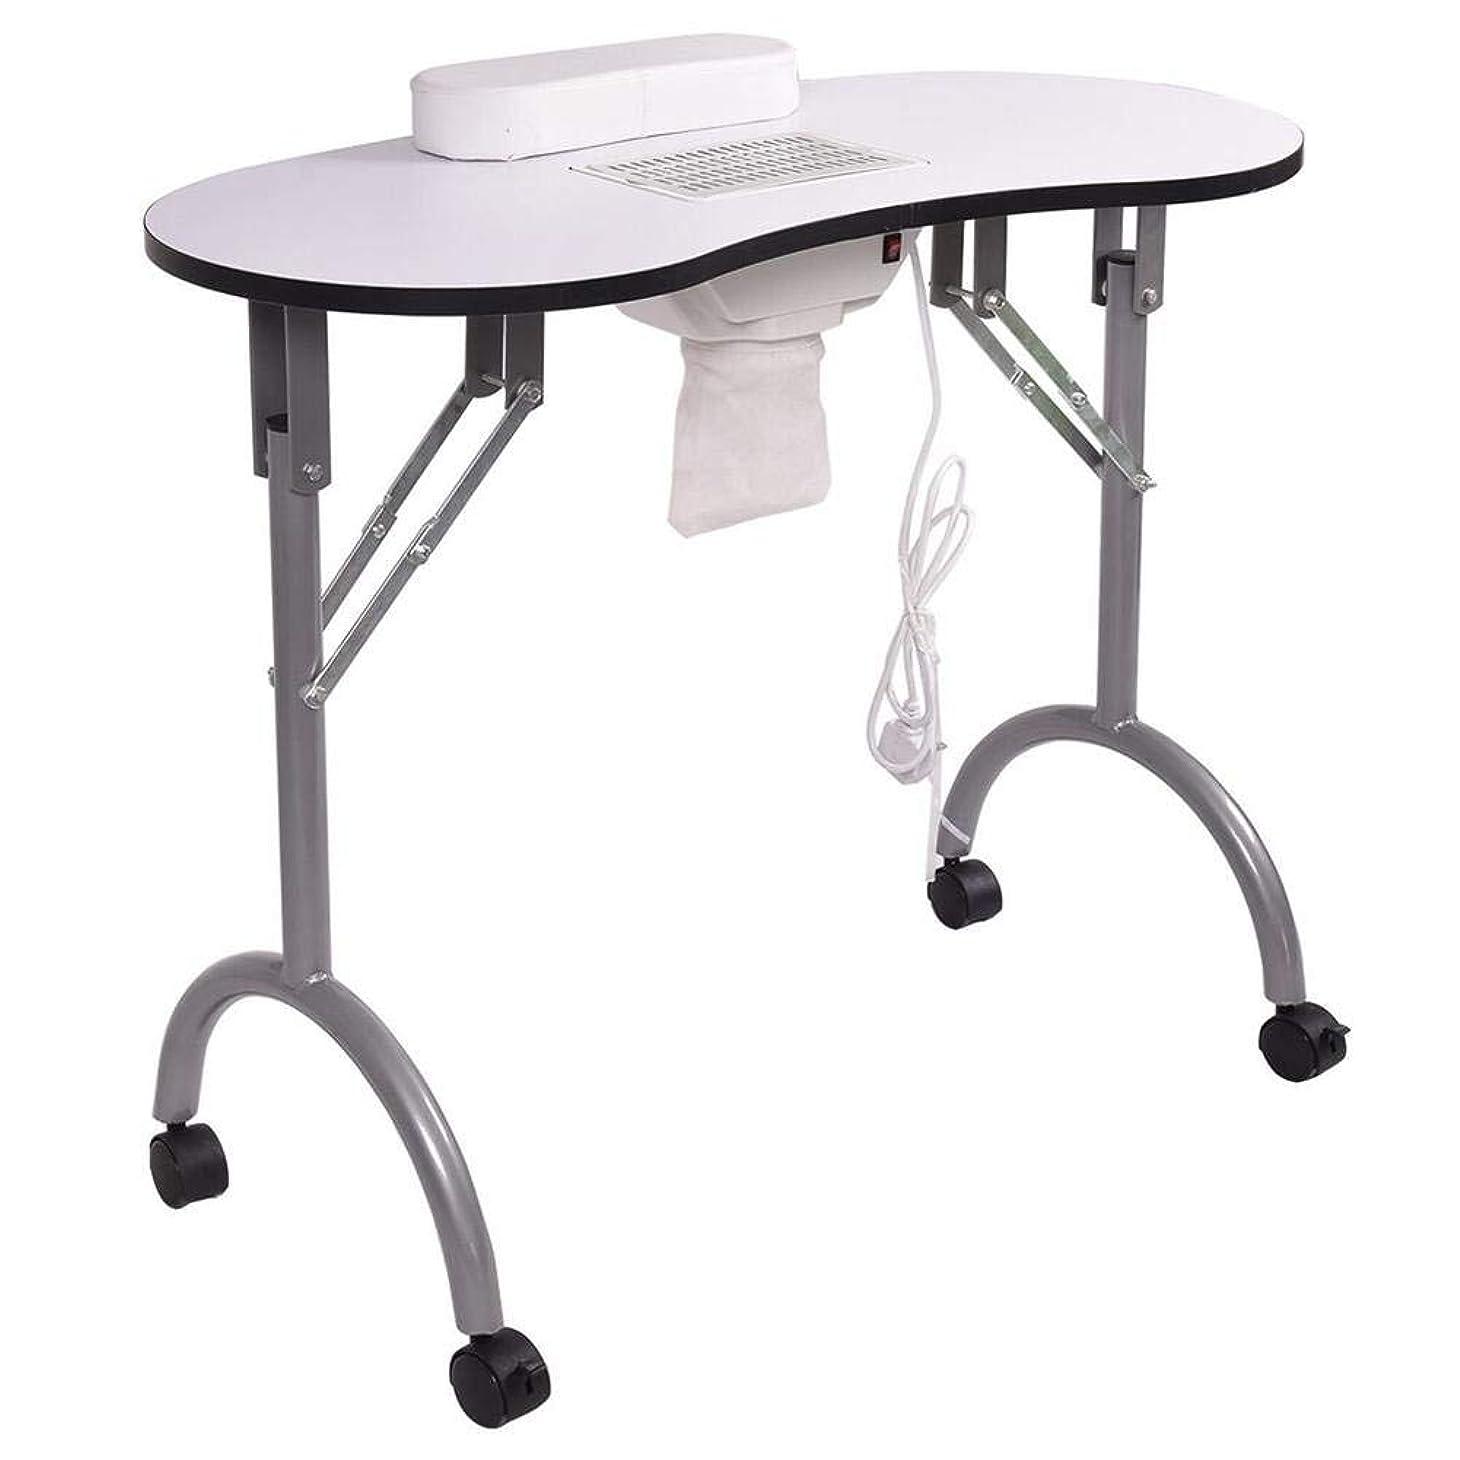 見習い賃金摩擦ネイルテーブルマニキュアテーブル折りたたみポータブルベントネイルデスクワークステーションサロンスパwithネイル掃除機andbag